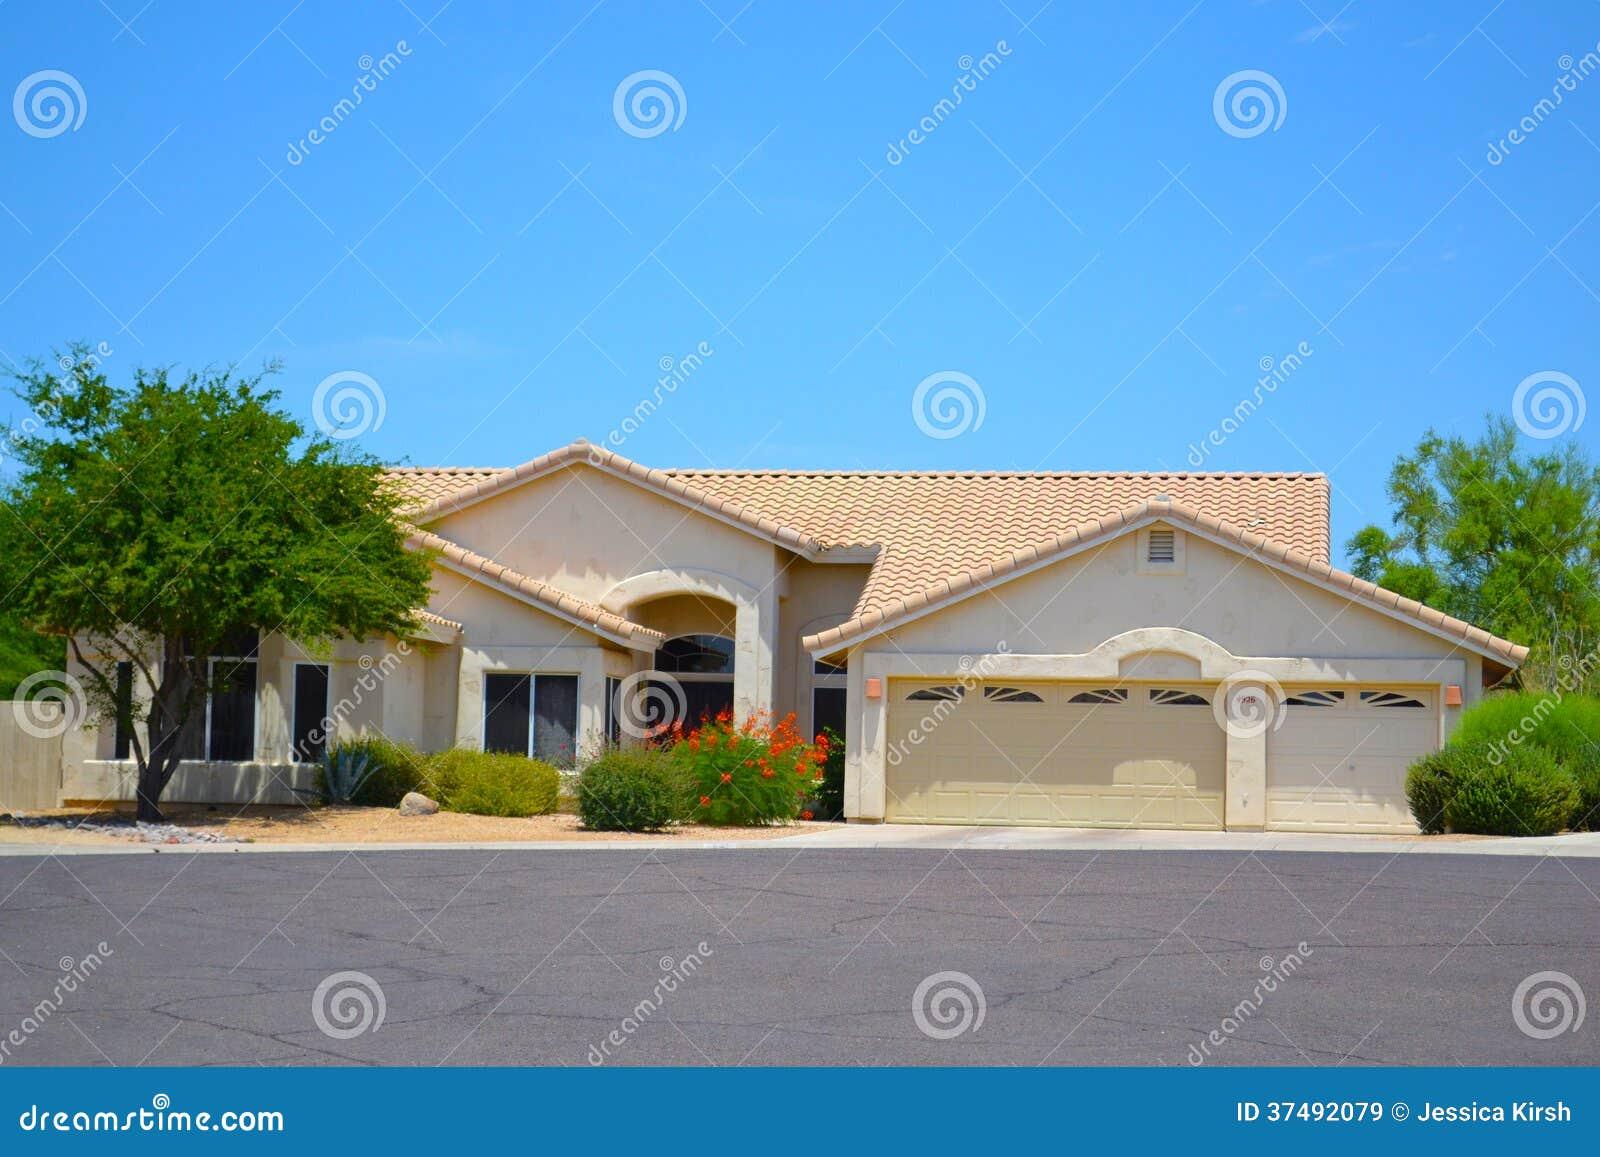 maison espagnole du sud ouest toute neuve de r ve de l 39 arizona de style image stock image du. Black Bedroom Furniture Sets. Home Design Ideas